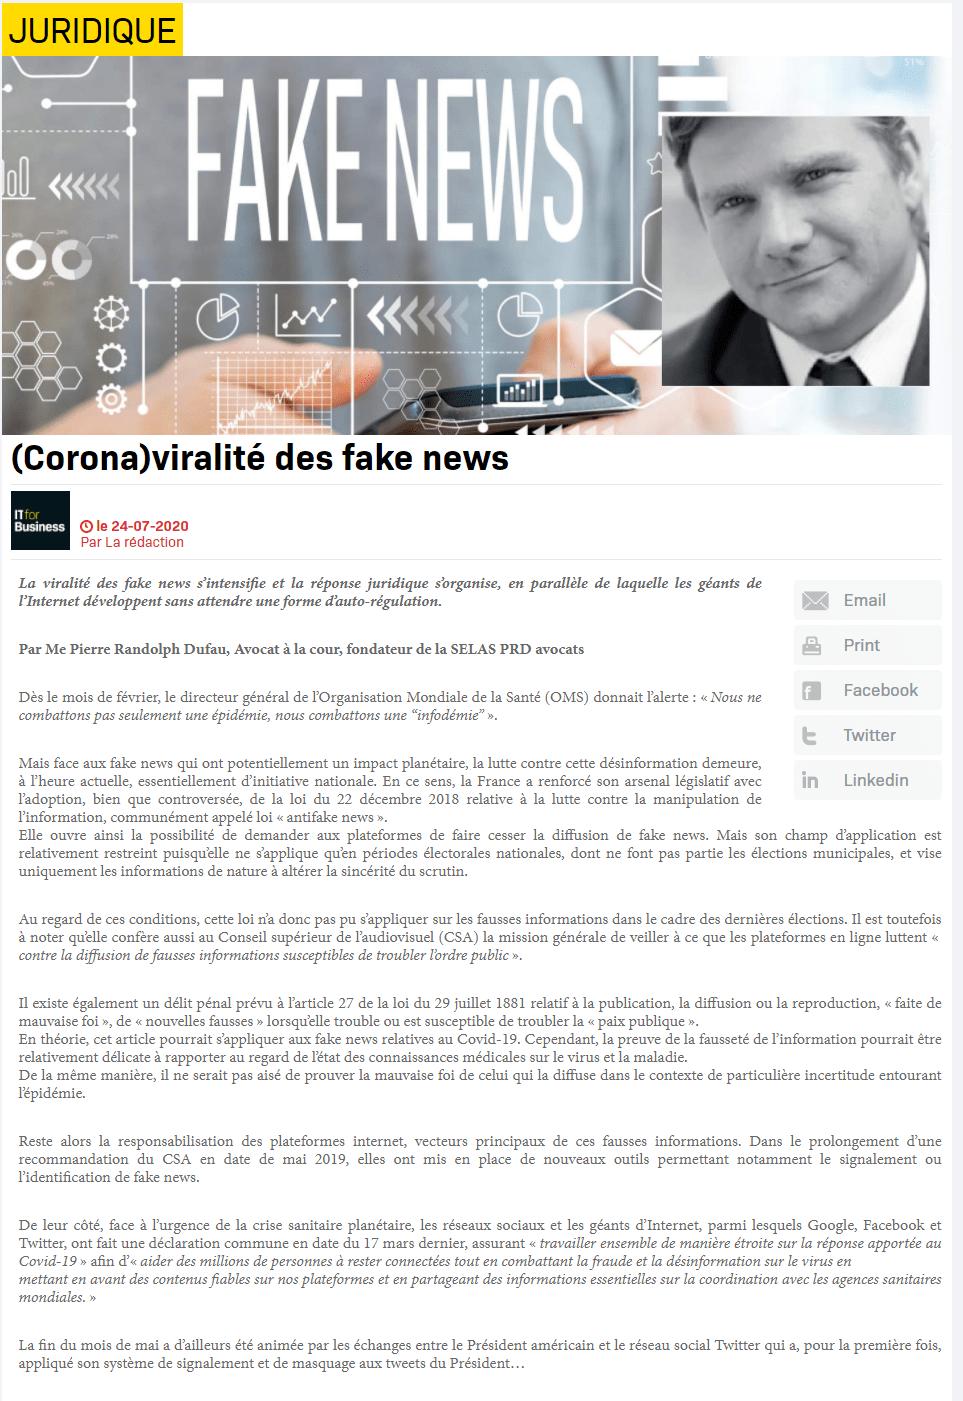 (Corona)viralité des fake news